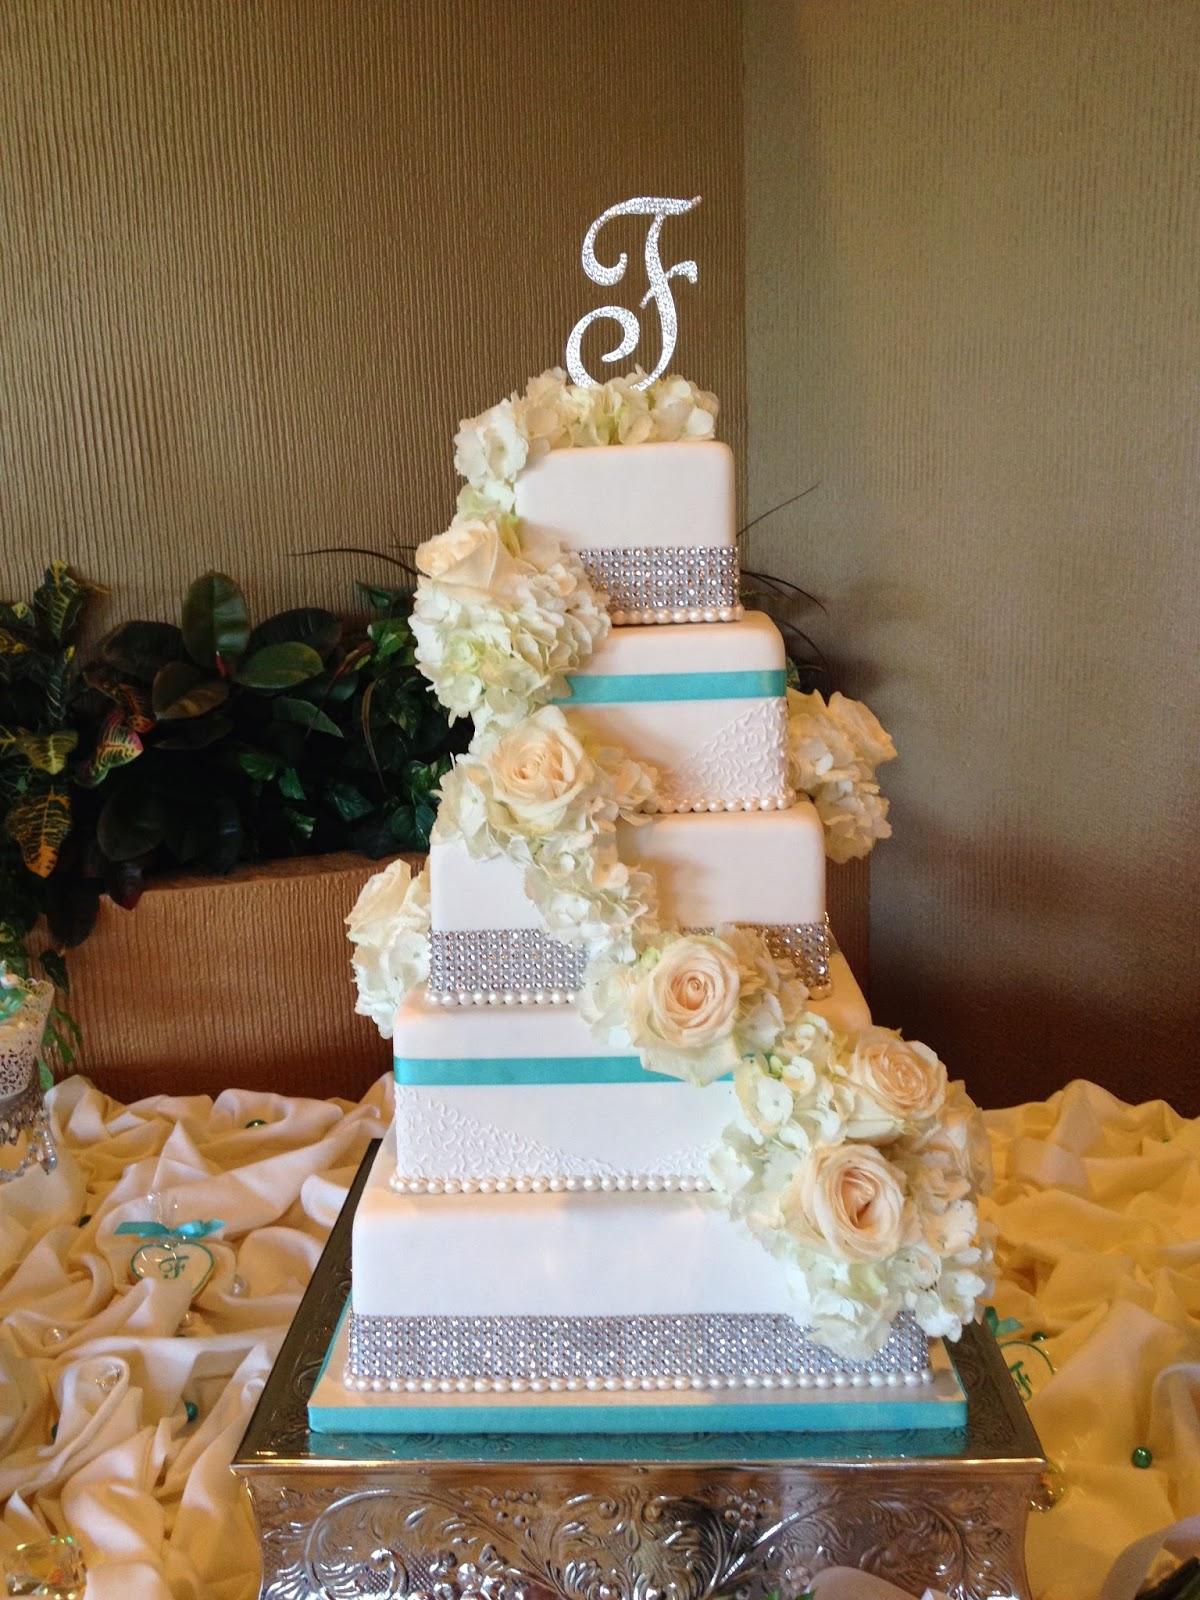 Sugar Chef TIFFANY BLUE & BLING WEDDING CAKE